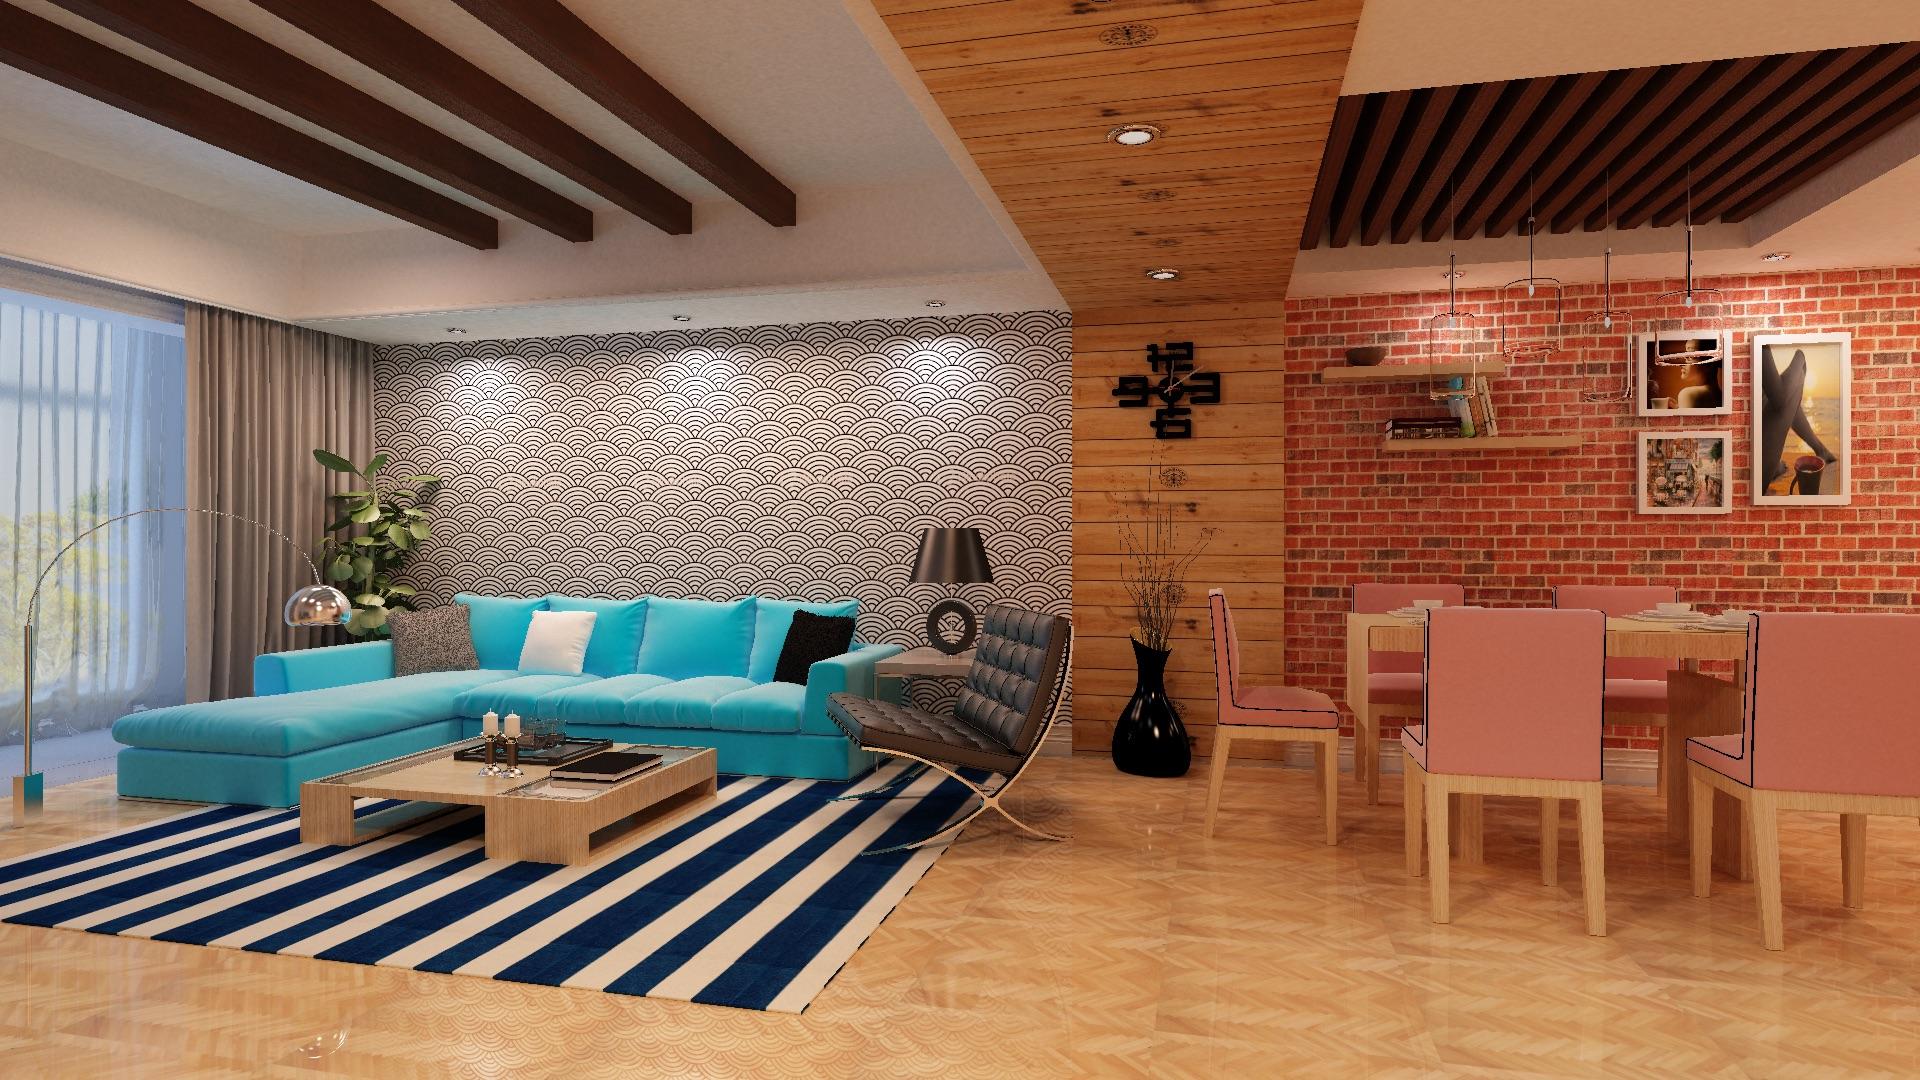 Residential ceiling design Online @ +91-9811327391